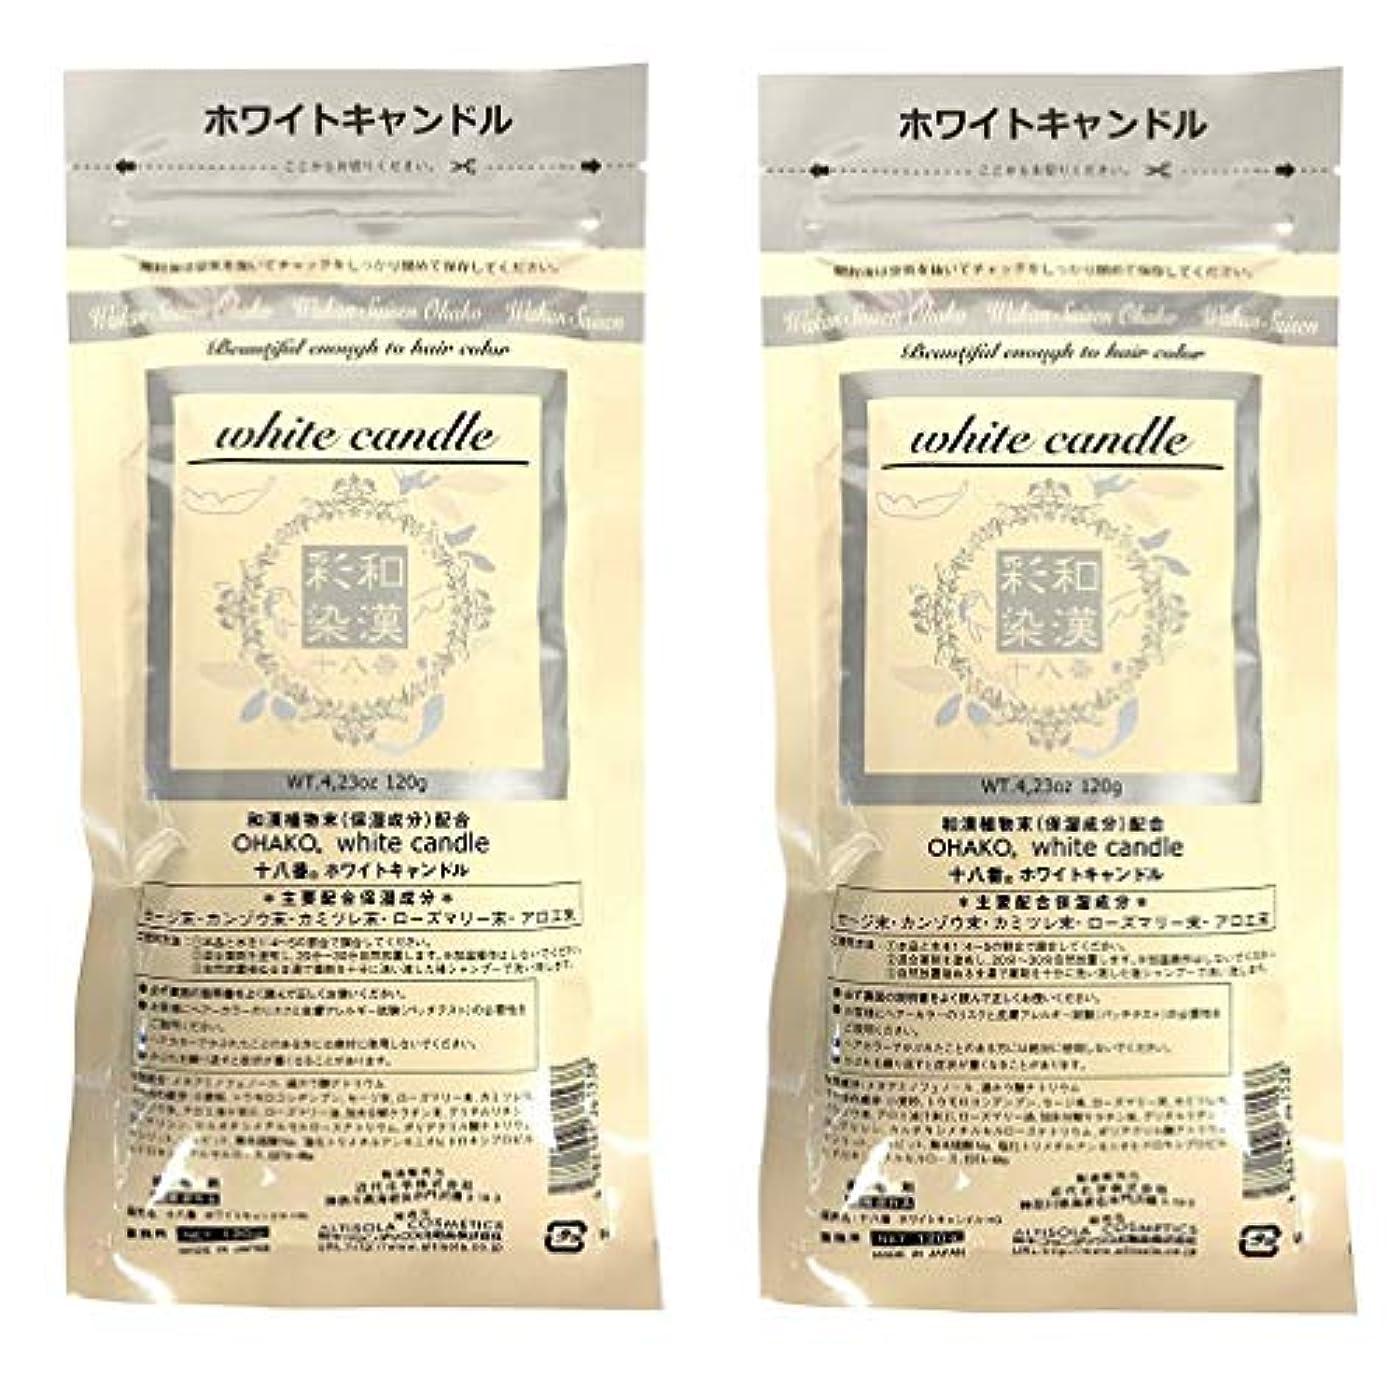 永久細いふつう【2個セット】グランデックス 和漢彩染 十八番 120g ホワイトキャンドル